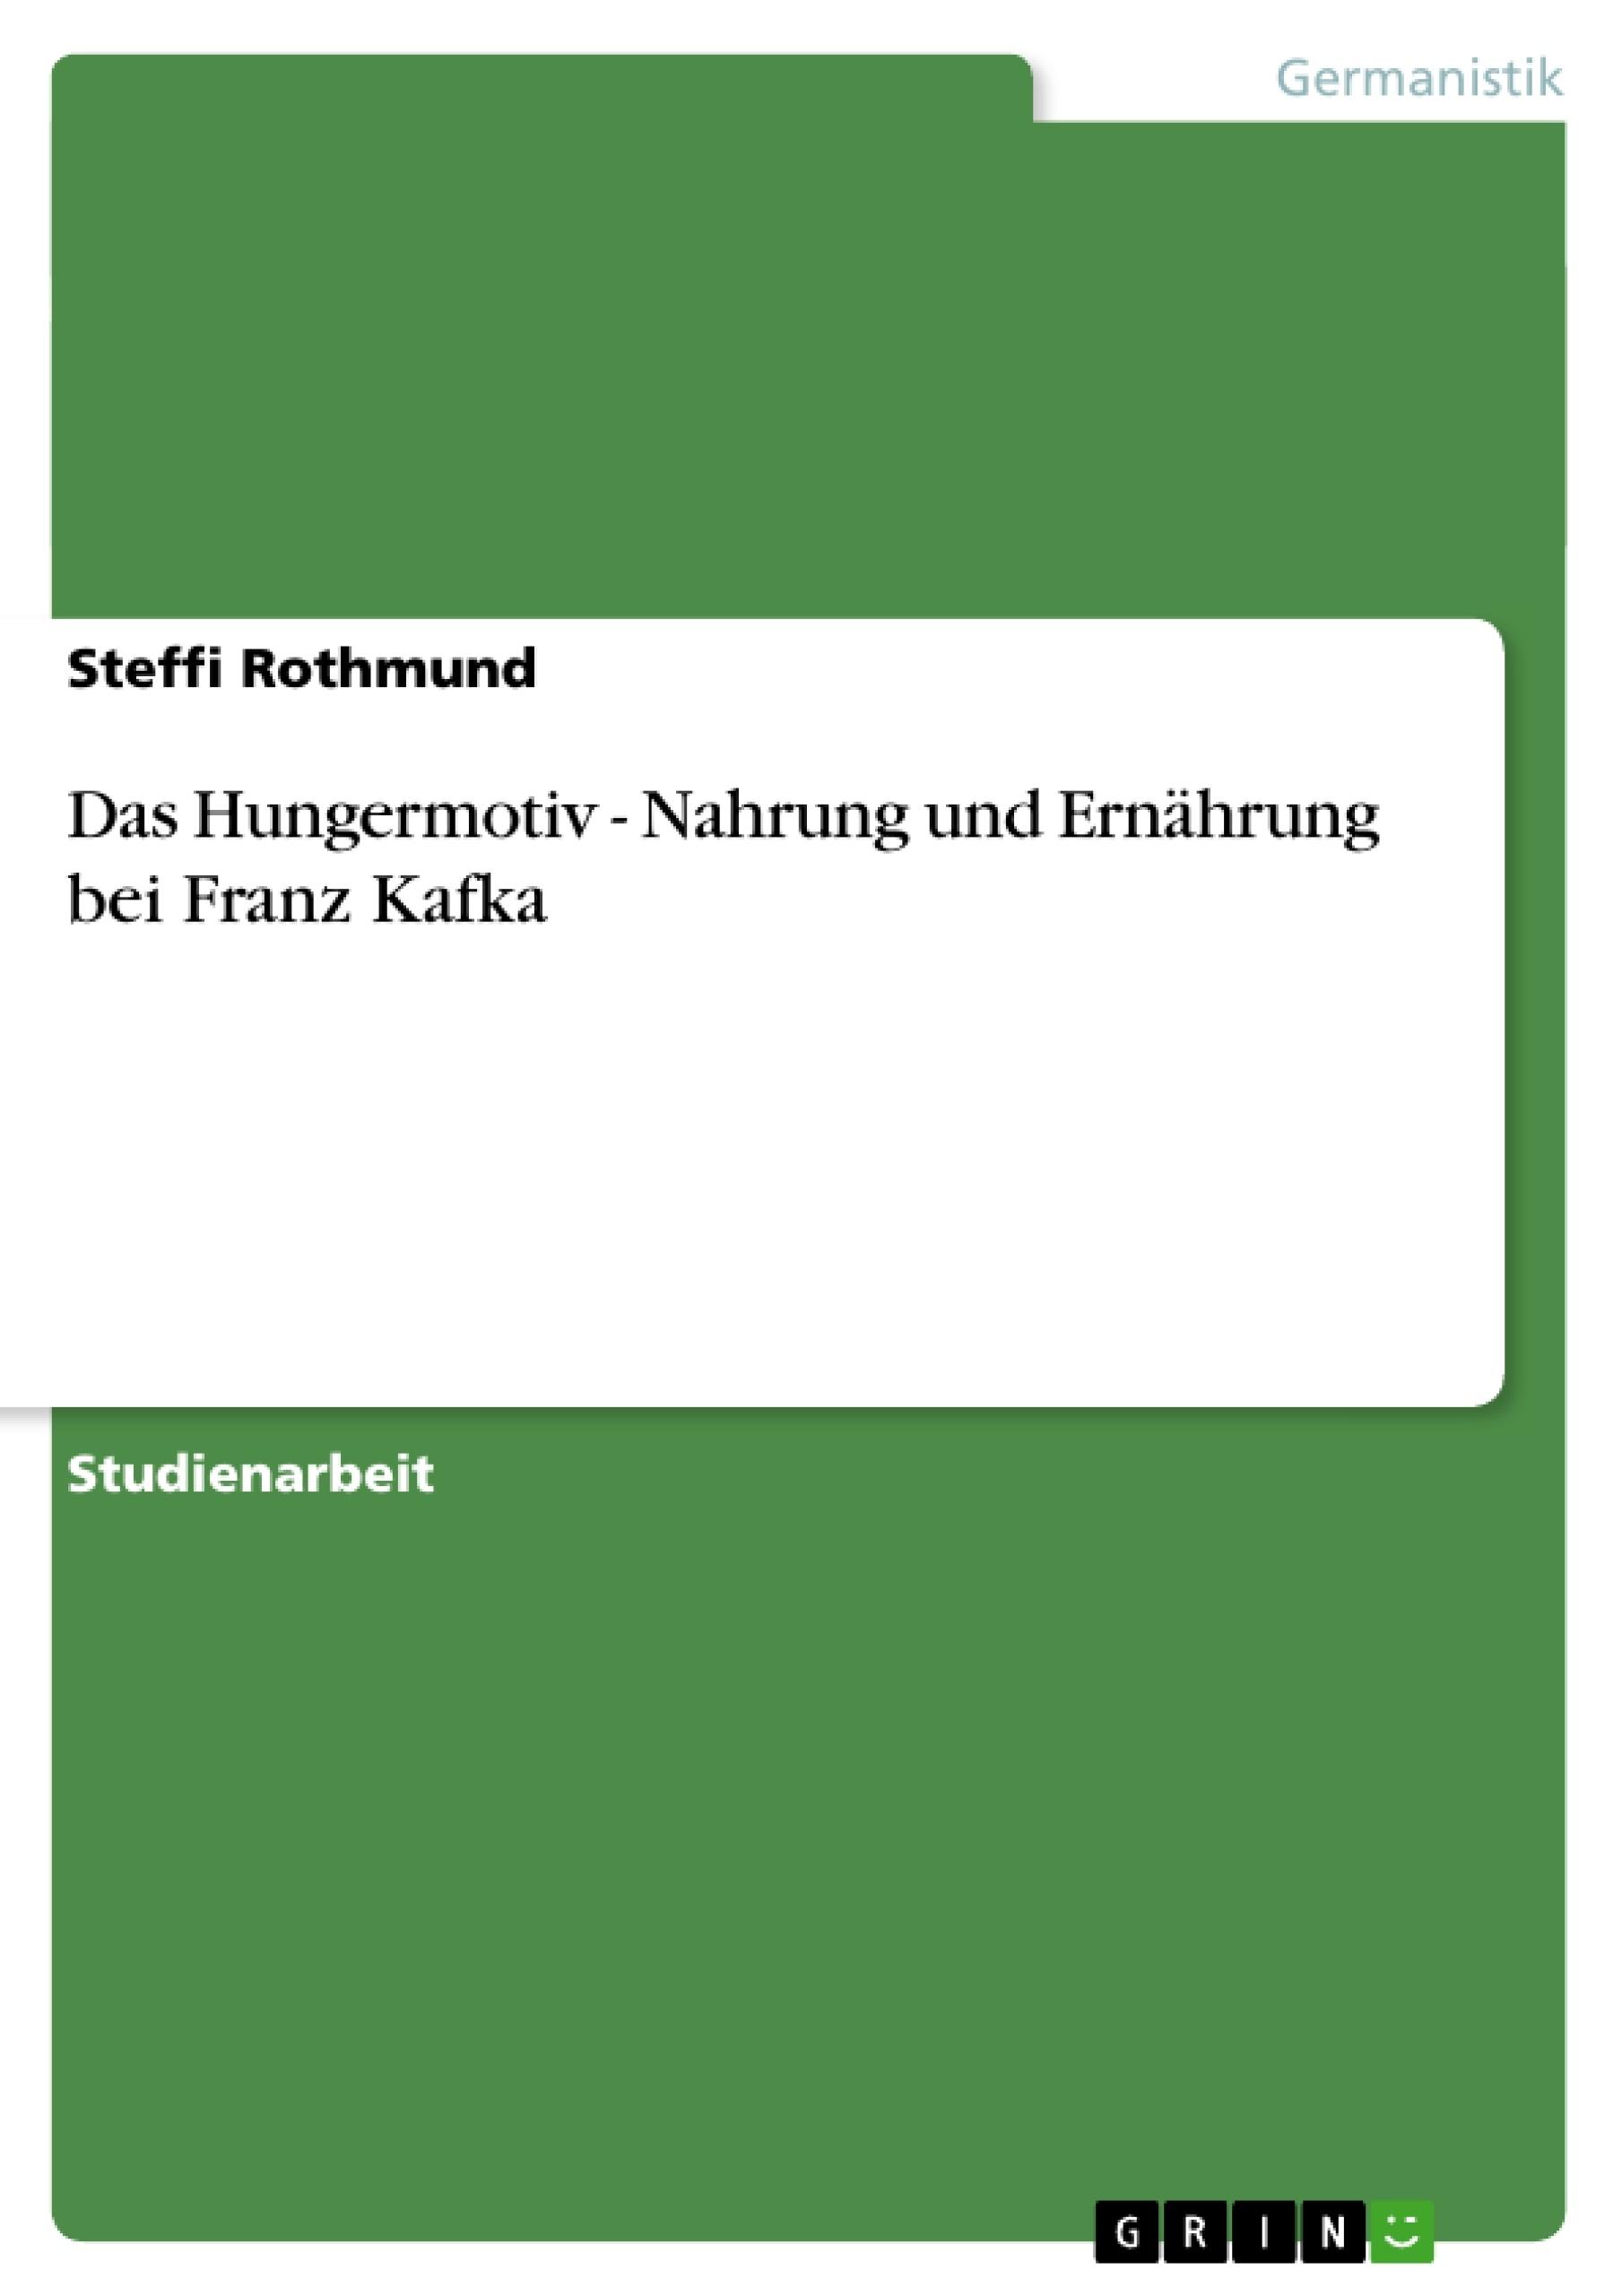 Titel: Das  Hungermotiv - Nahrung und Ernährung bei Franz Kafka